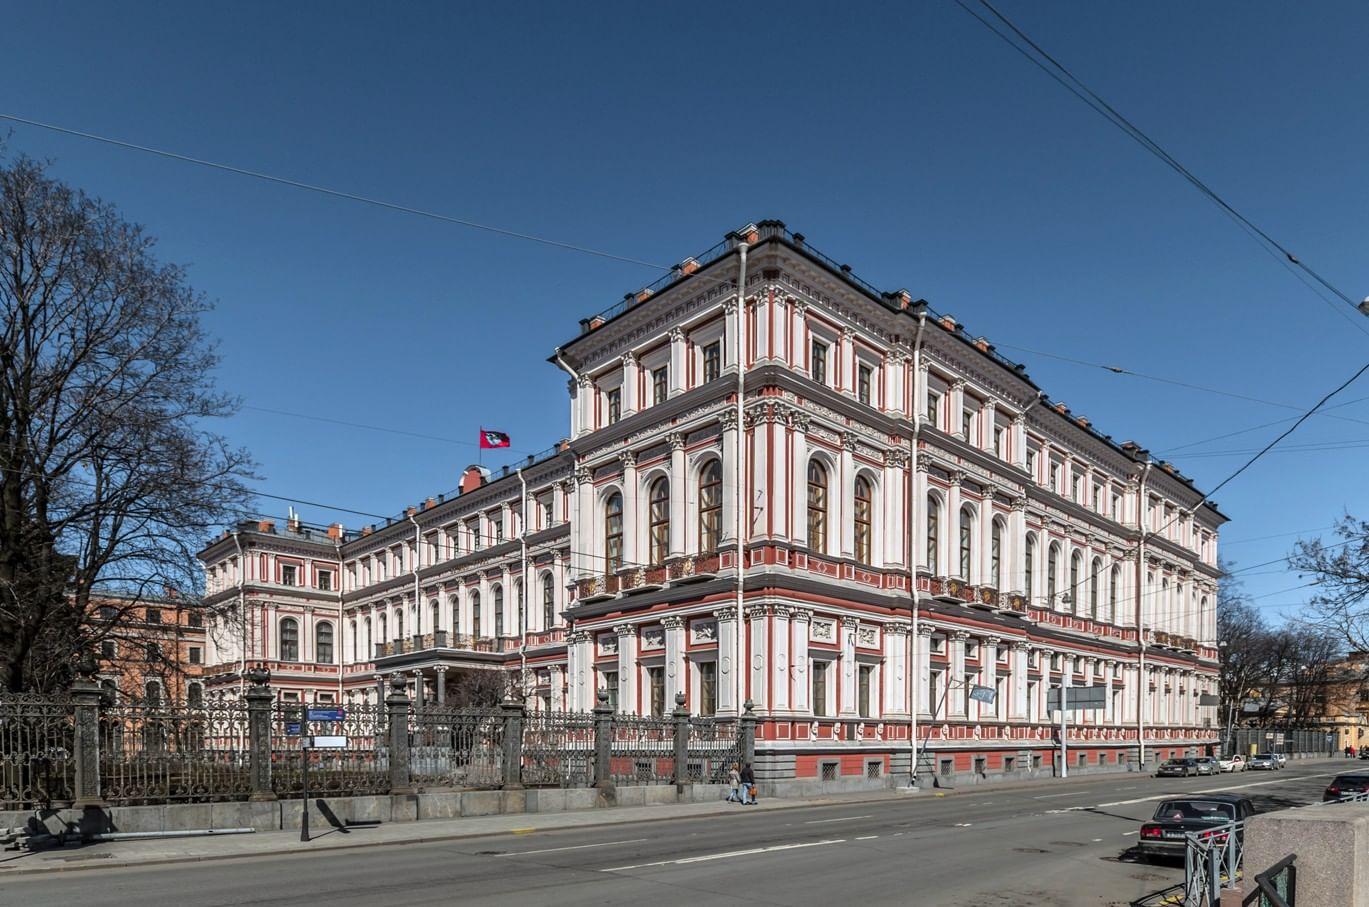 Яблочко от яблоньки: российские архитектурные династии. Галерея 5. Штакеншнейдеры